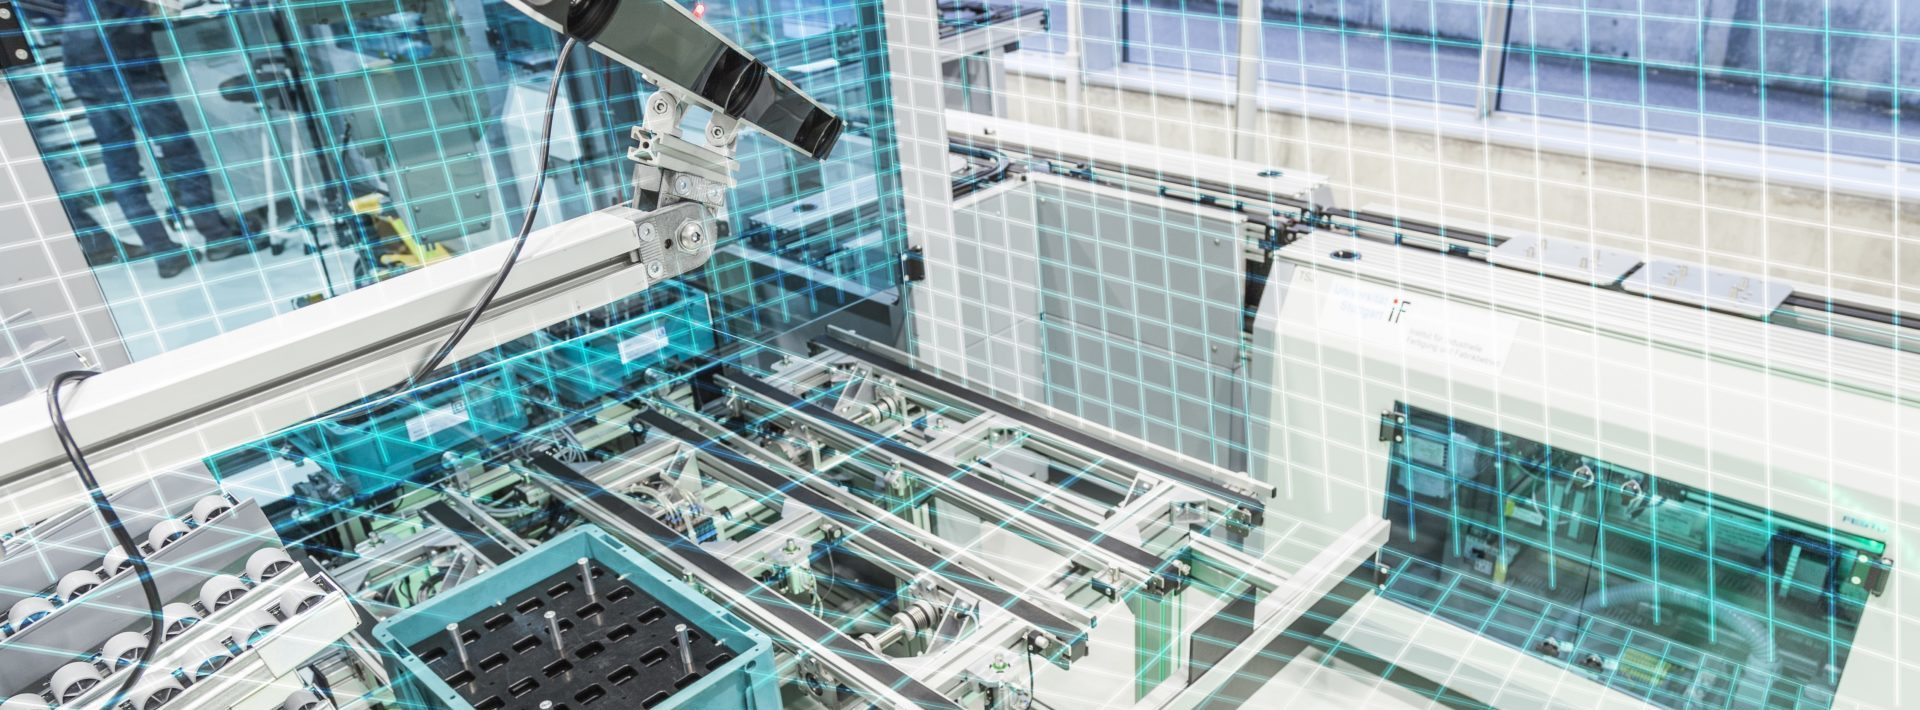 Automatische optische Inspektion mit maschinellem Lernen